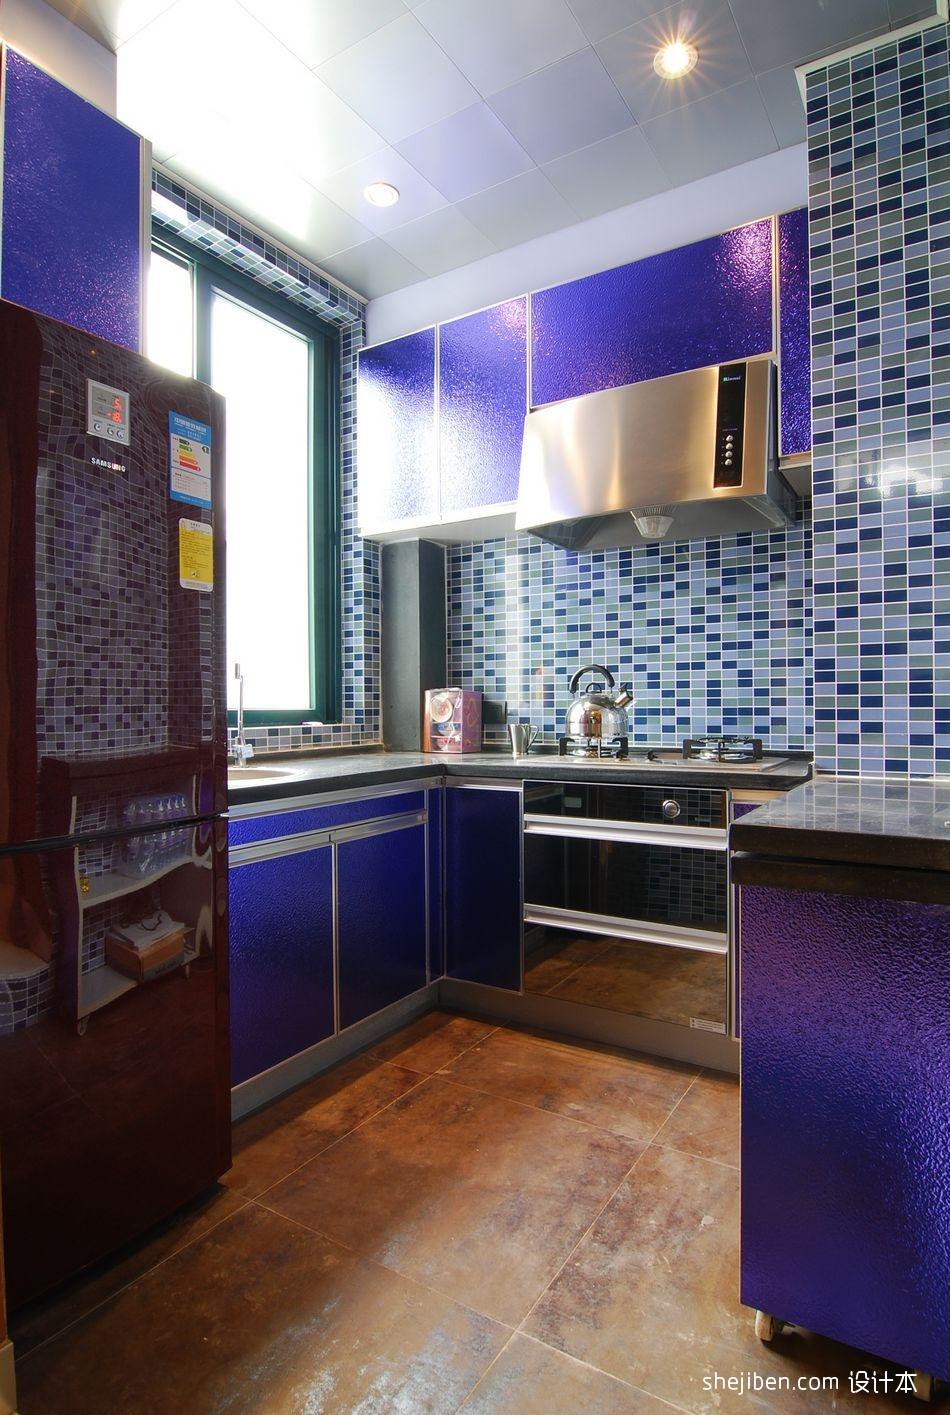 家居橱柜_现代风格开放式L型小面积家居厨房蓝色橱柜装修效果图 – 设计 ...